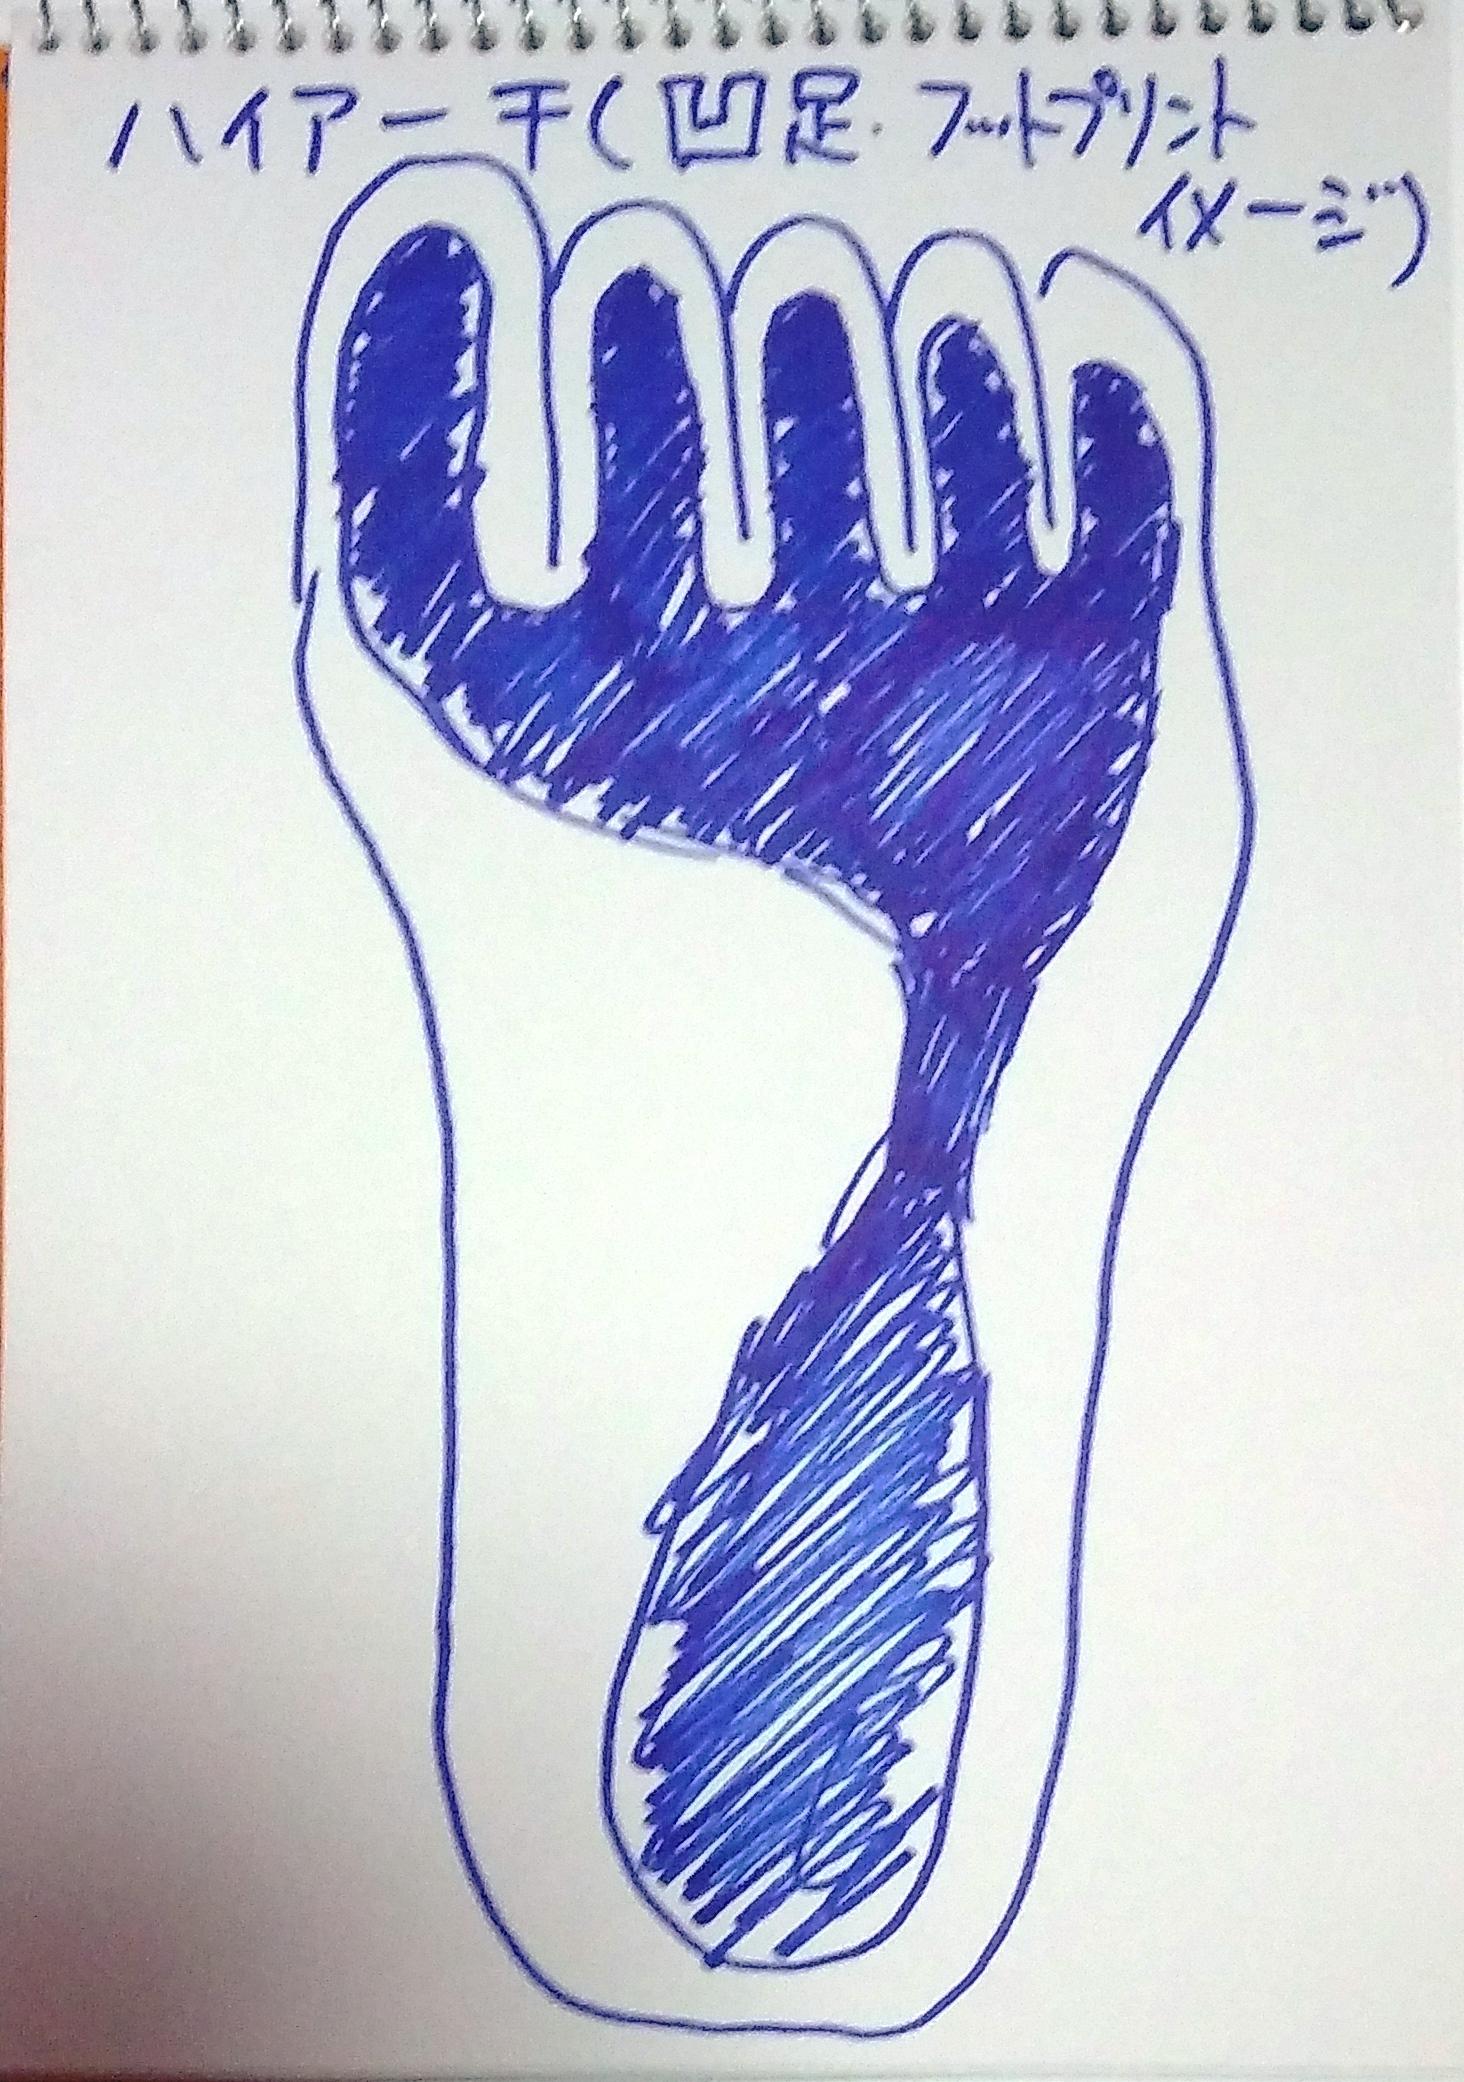 ハイアーチ 宮城県仙台市 足 靴 トラブル 相談 靴合わせ オーダーメイドインソール